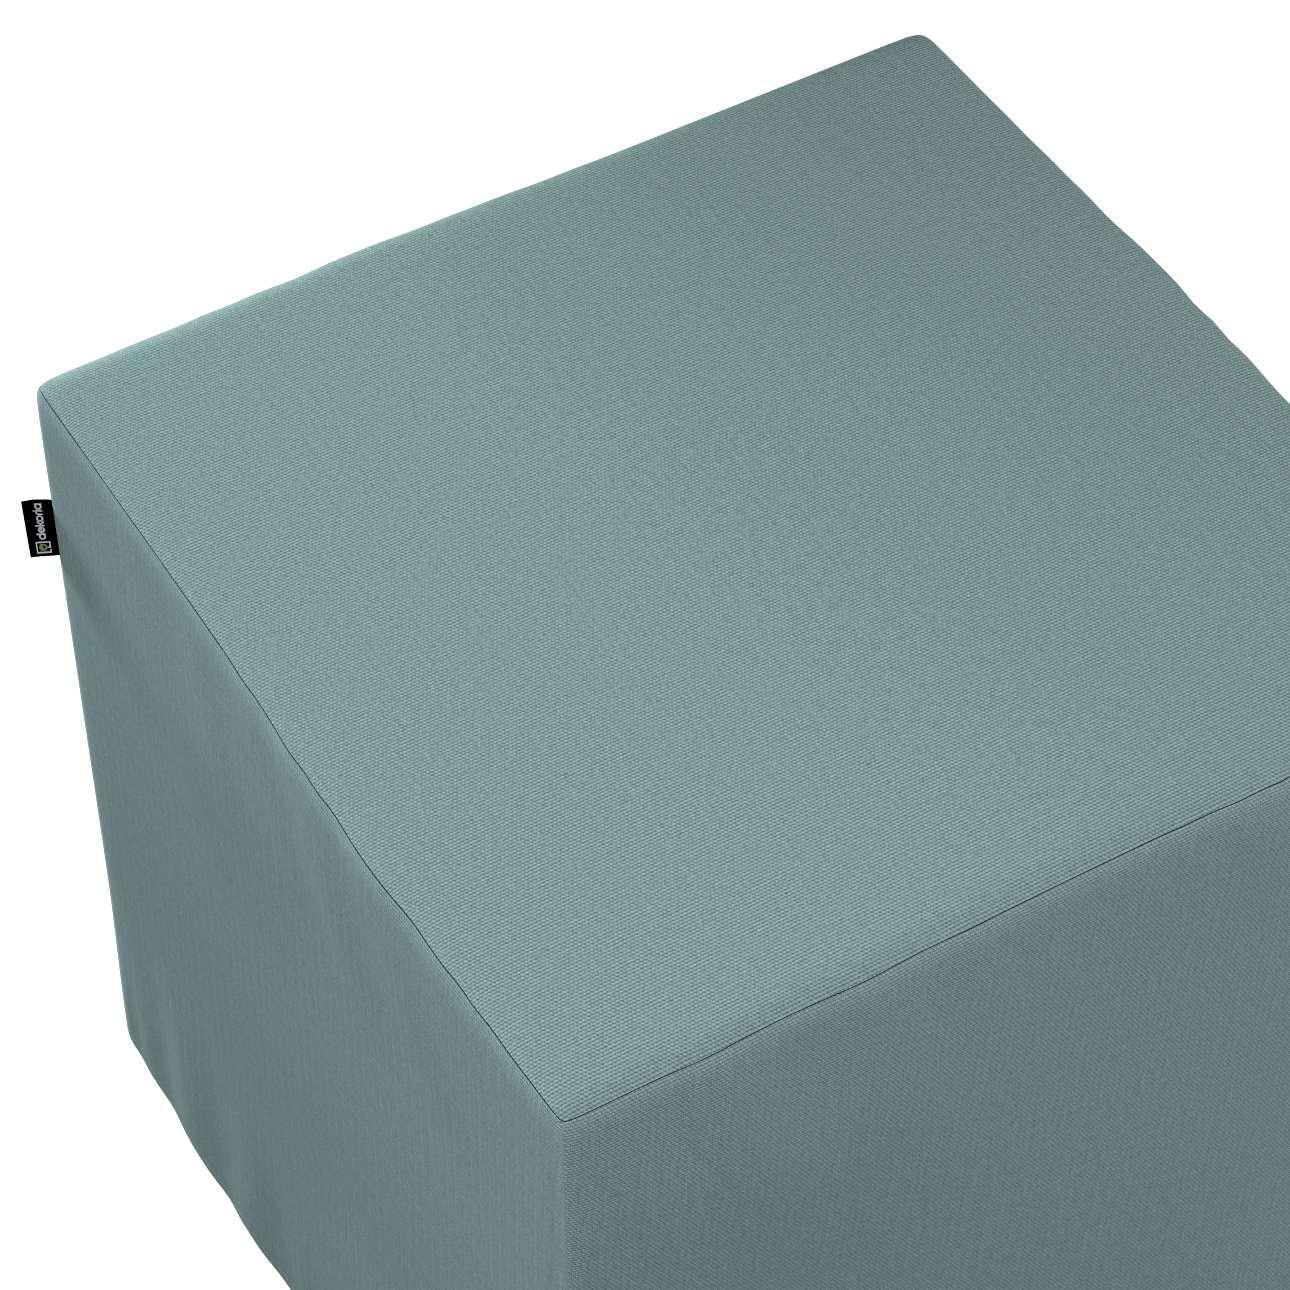 Bezug für Sitzwürfel von der Kollektion Cotton Panama, Stoff: 702-40